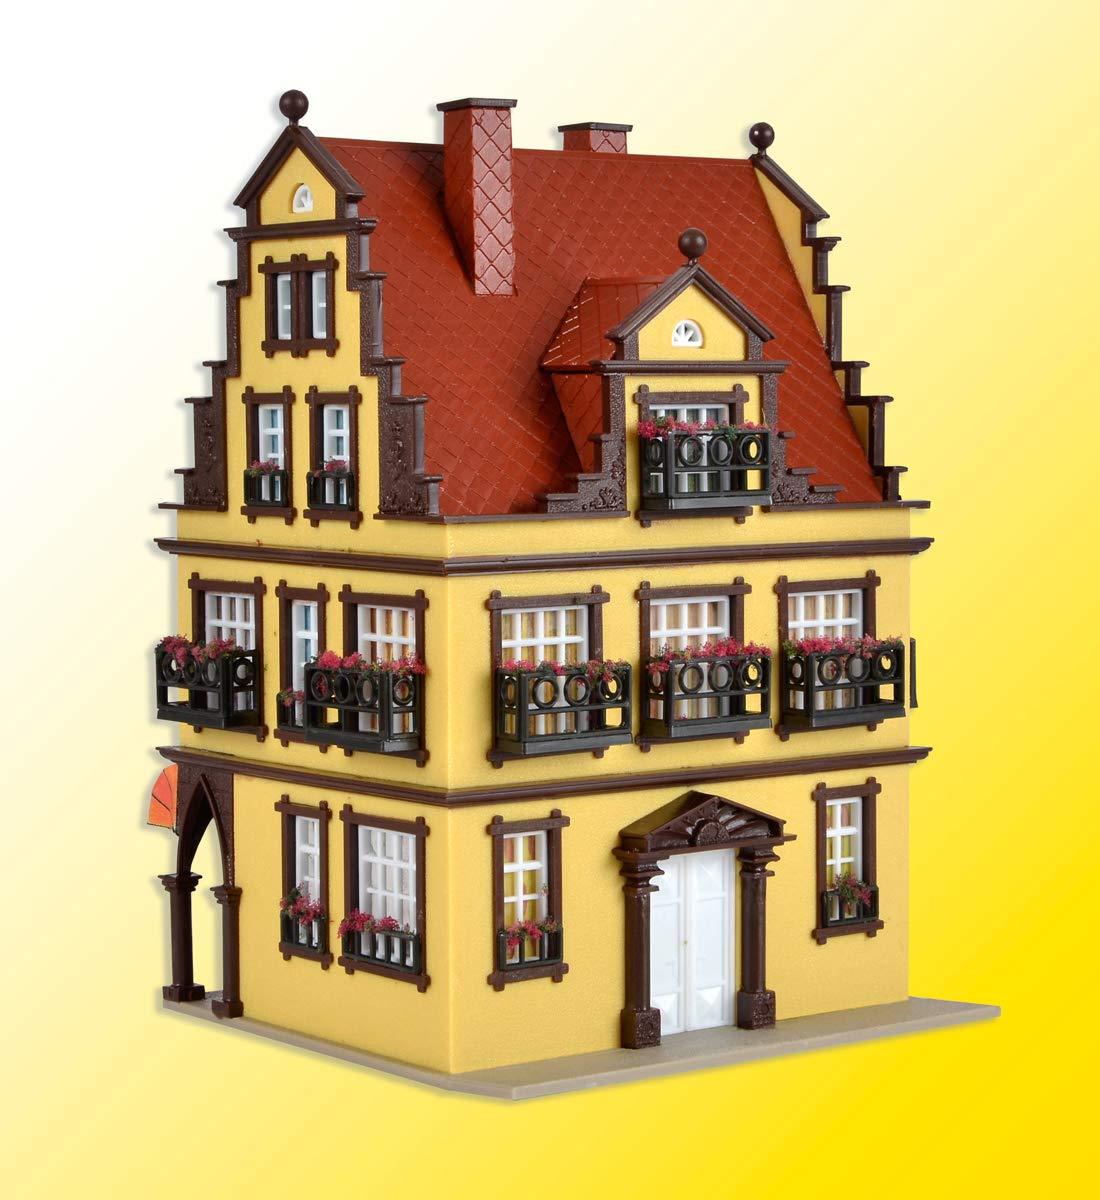 豪奢な Vollmer 43840 フォルマー 43840 H0 1 1/87/87 町並み建物 町並み建物 B00O1Z0URS, クーテ:99dbfe29 --- a0267596.xsph.ru